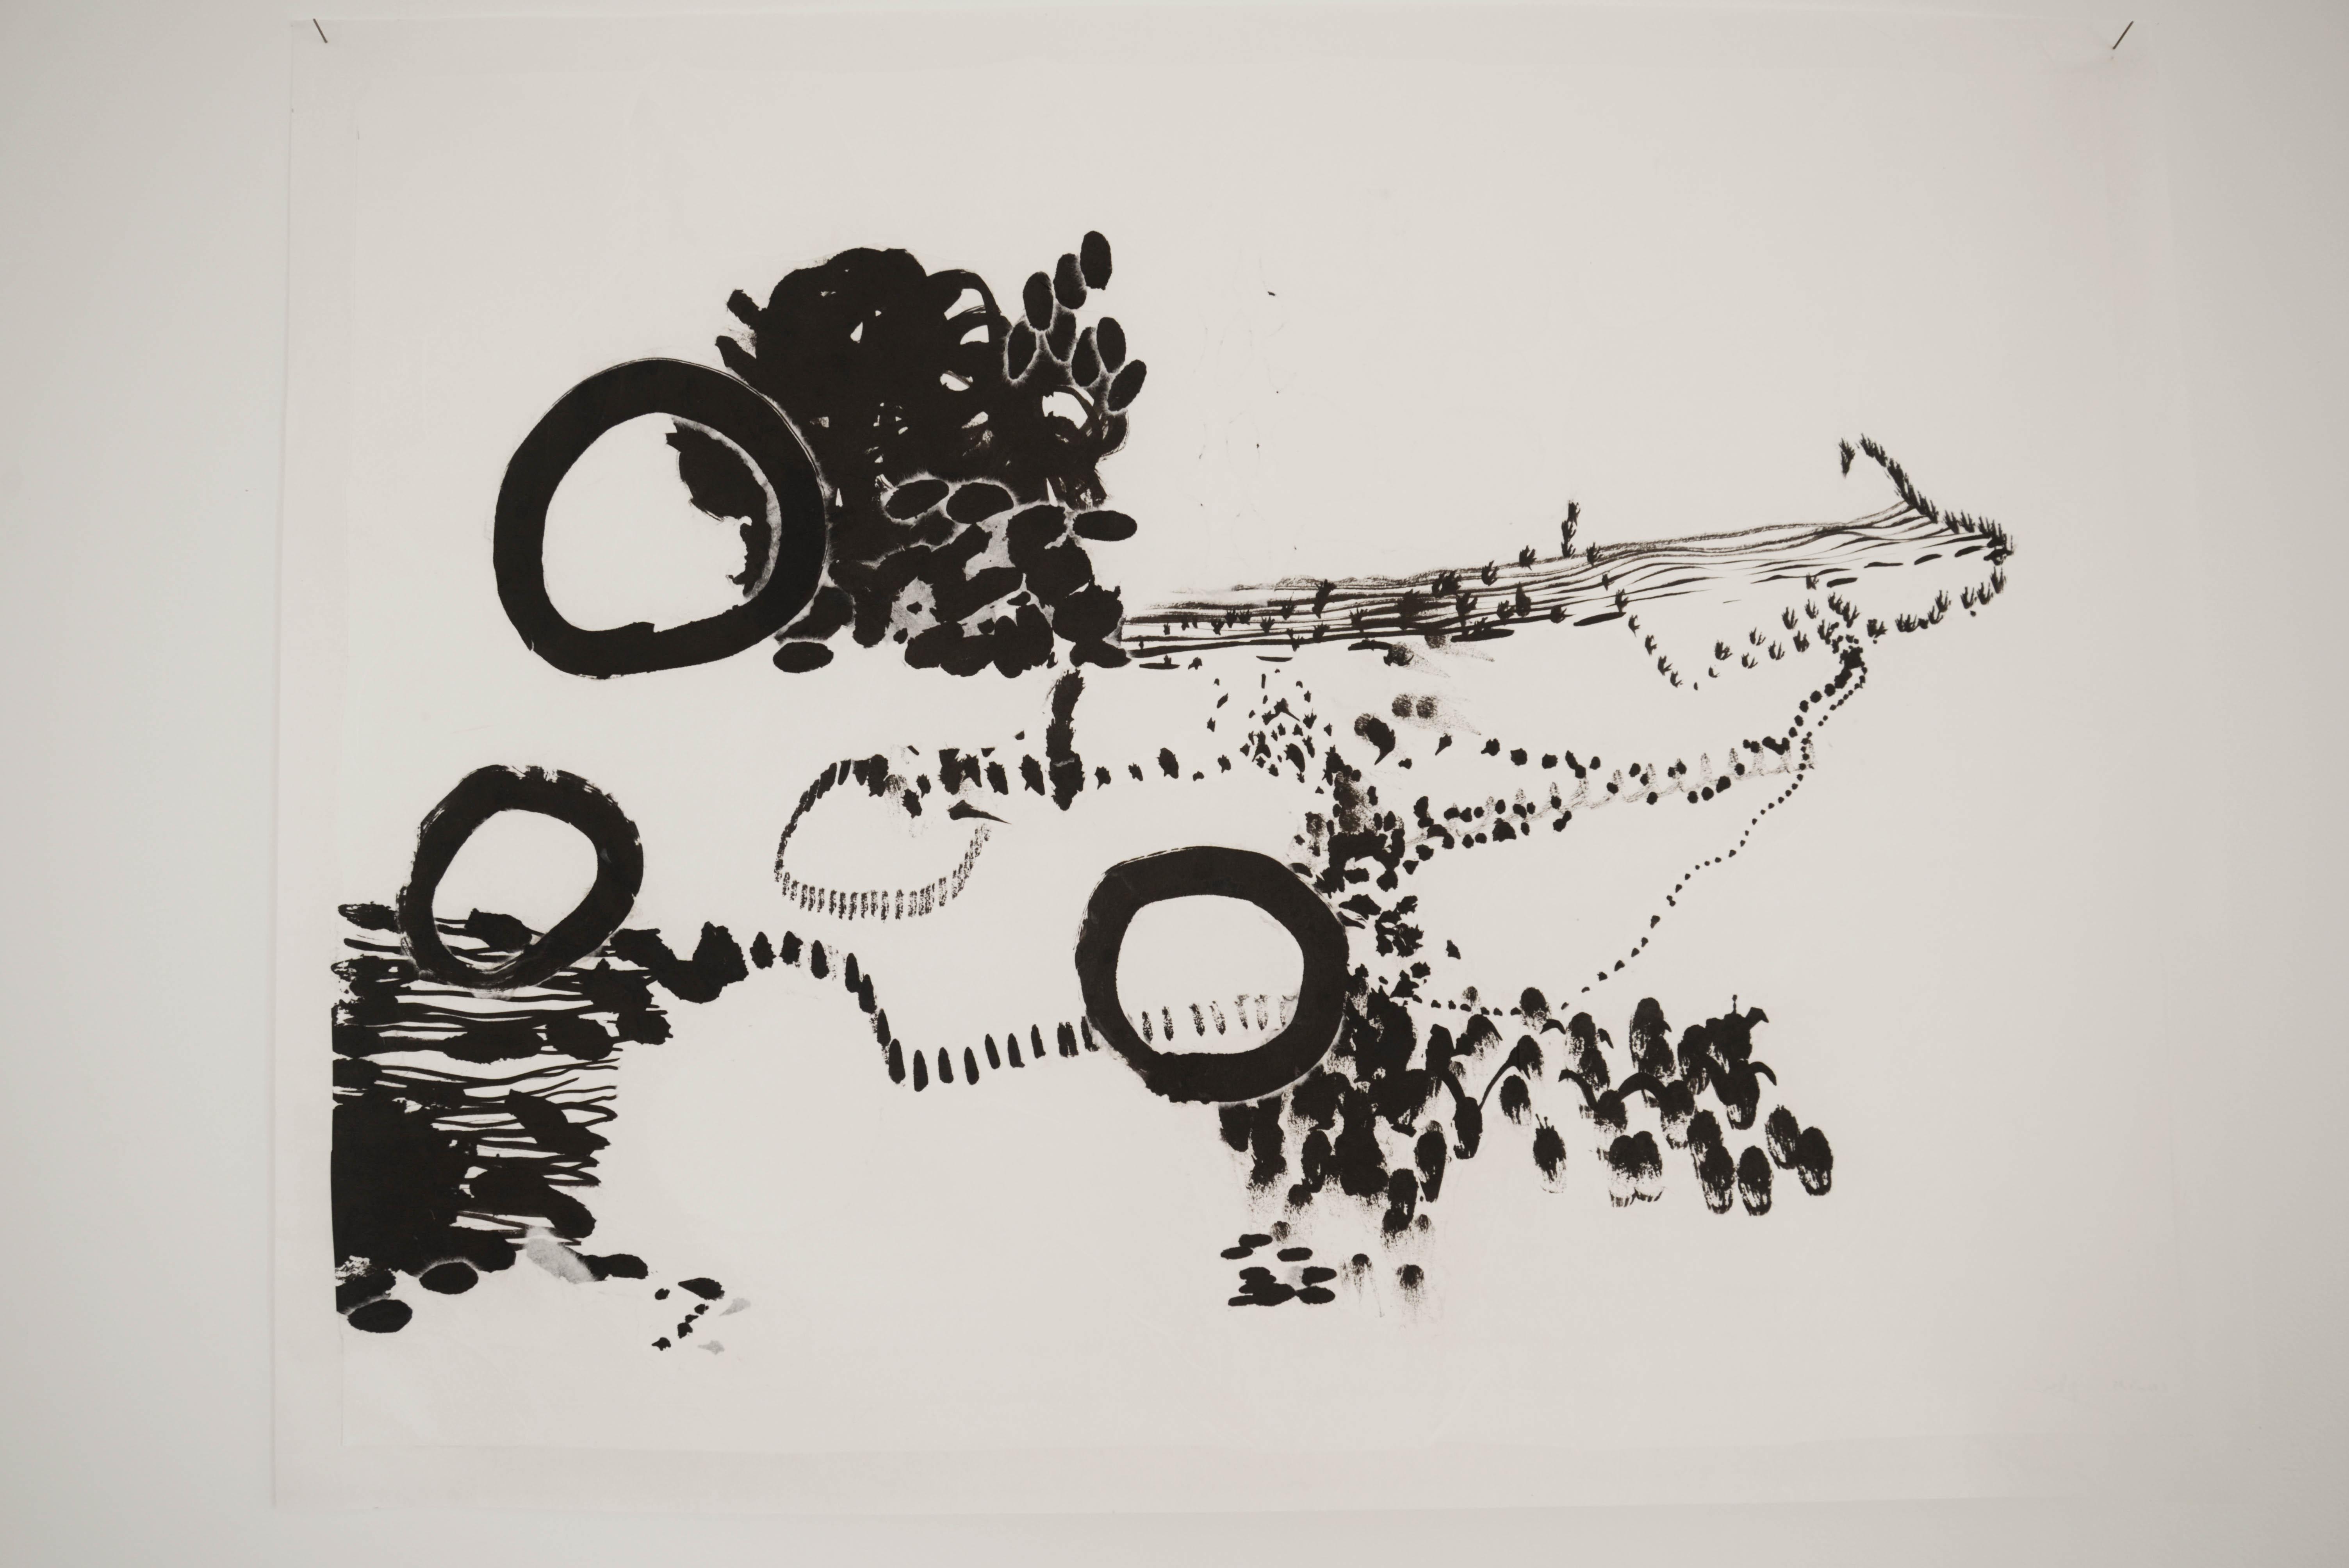 Composition # 17/05